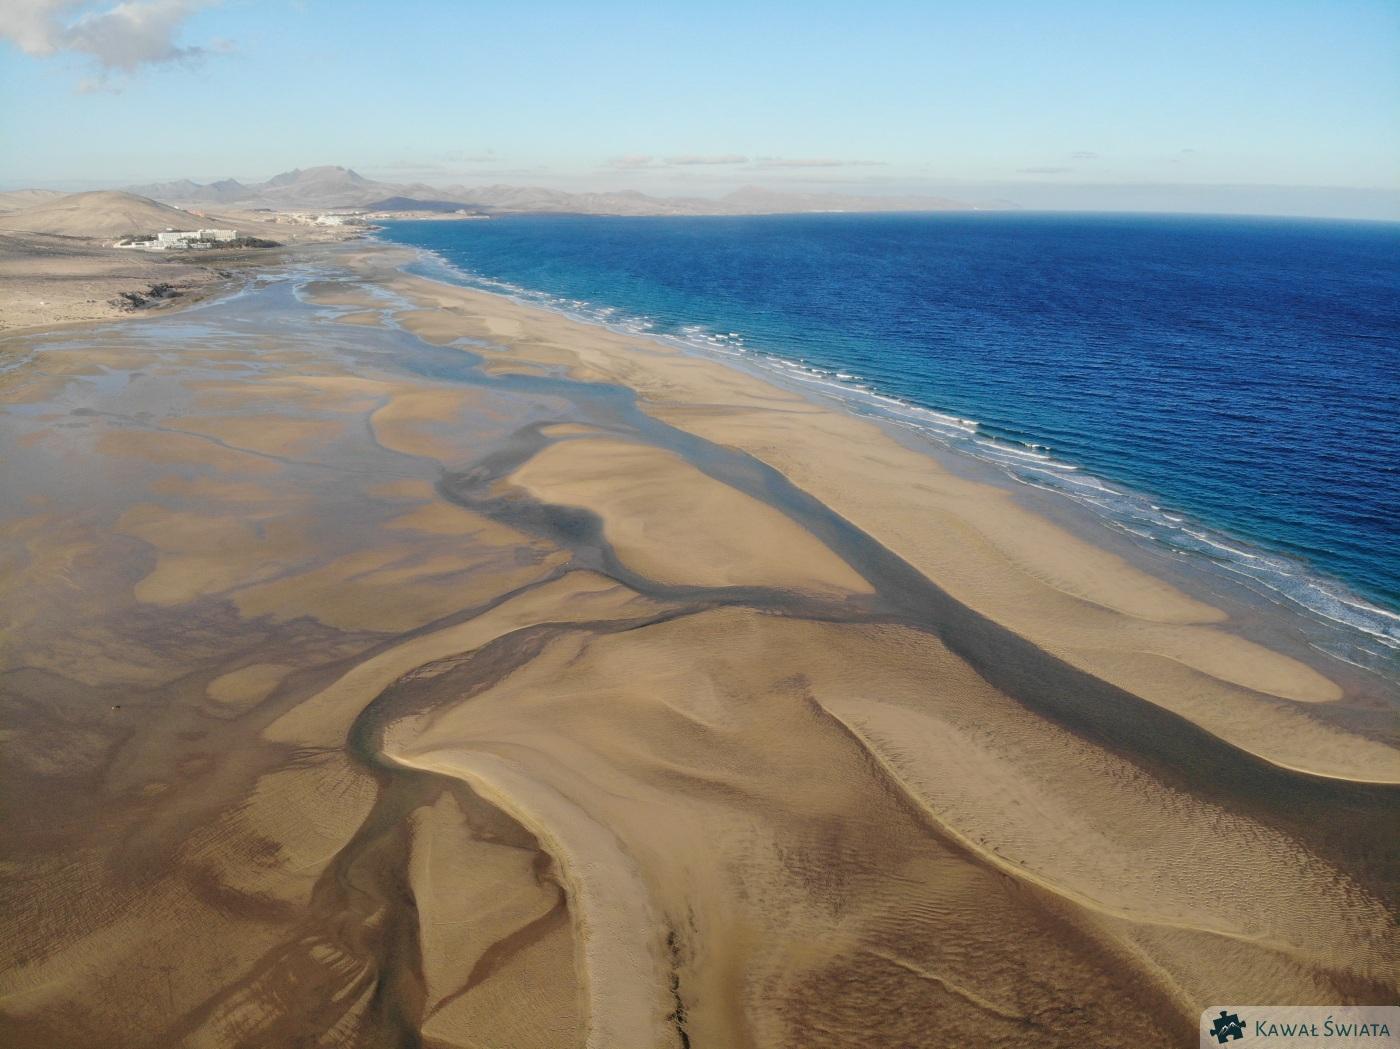 Piaszczyste wybrzeża wyspy są ostoją dla ptaków brodzących, zwłaszcza, że różnice poziomu morza potrafią sięgać 1,5 metra.